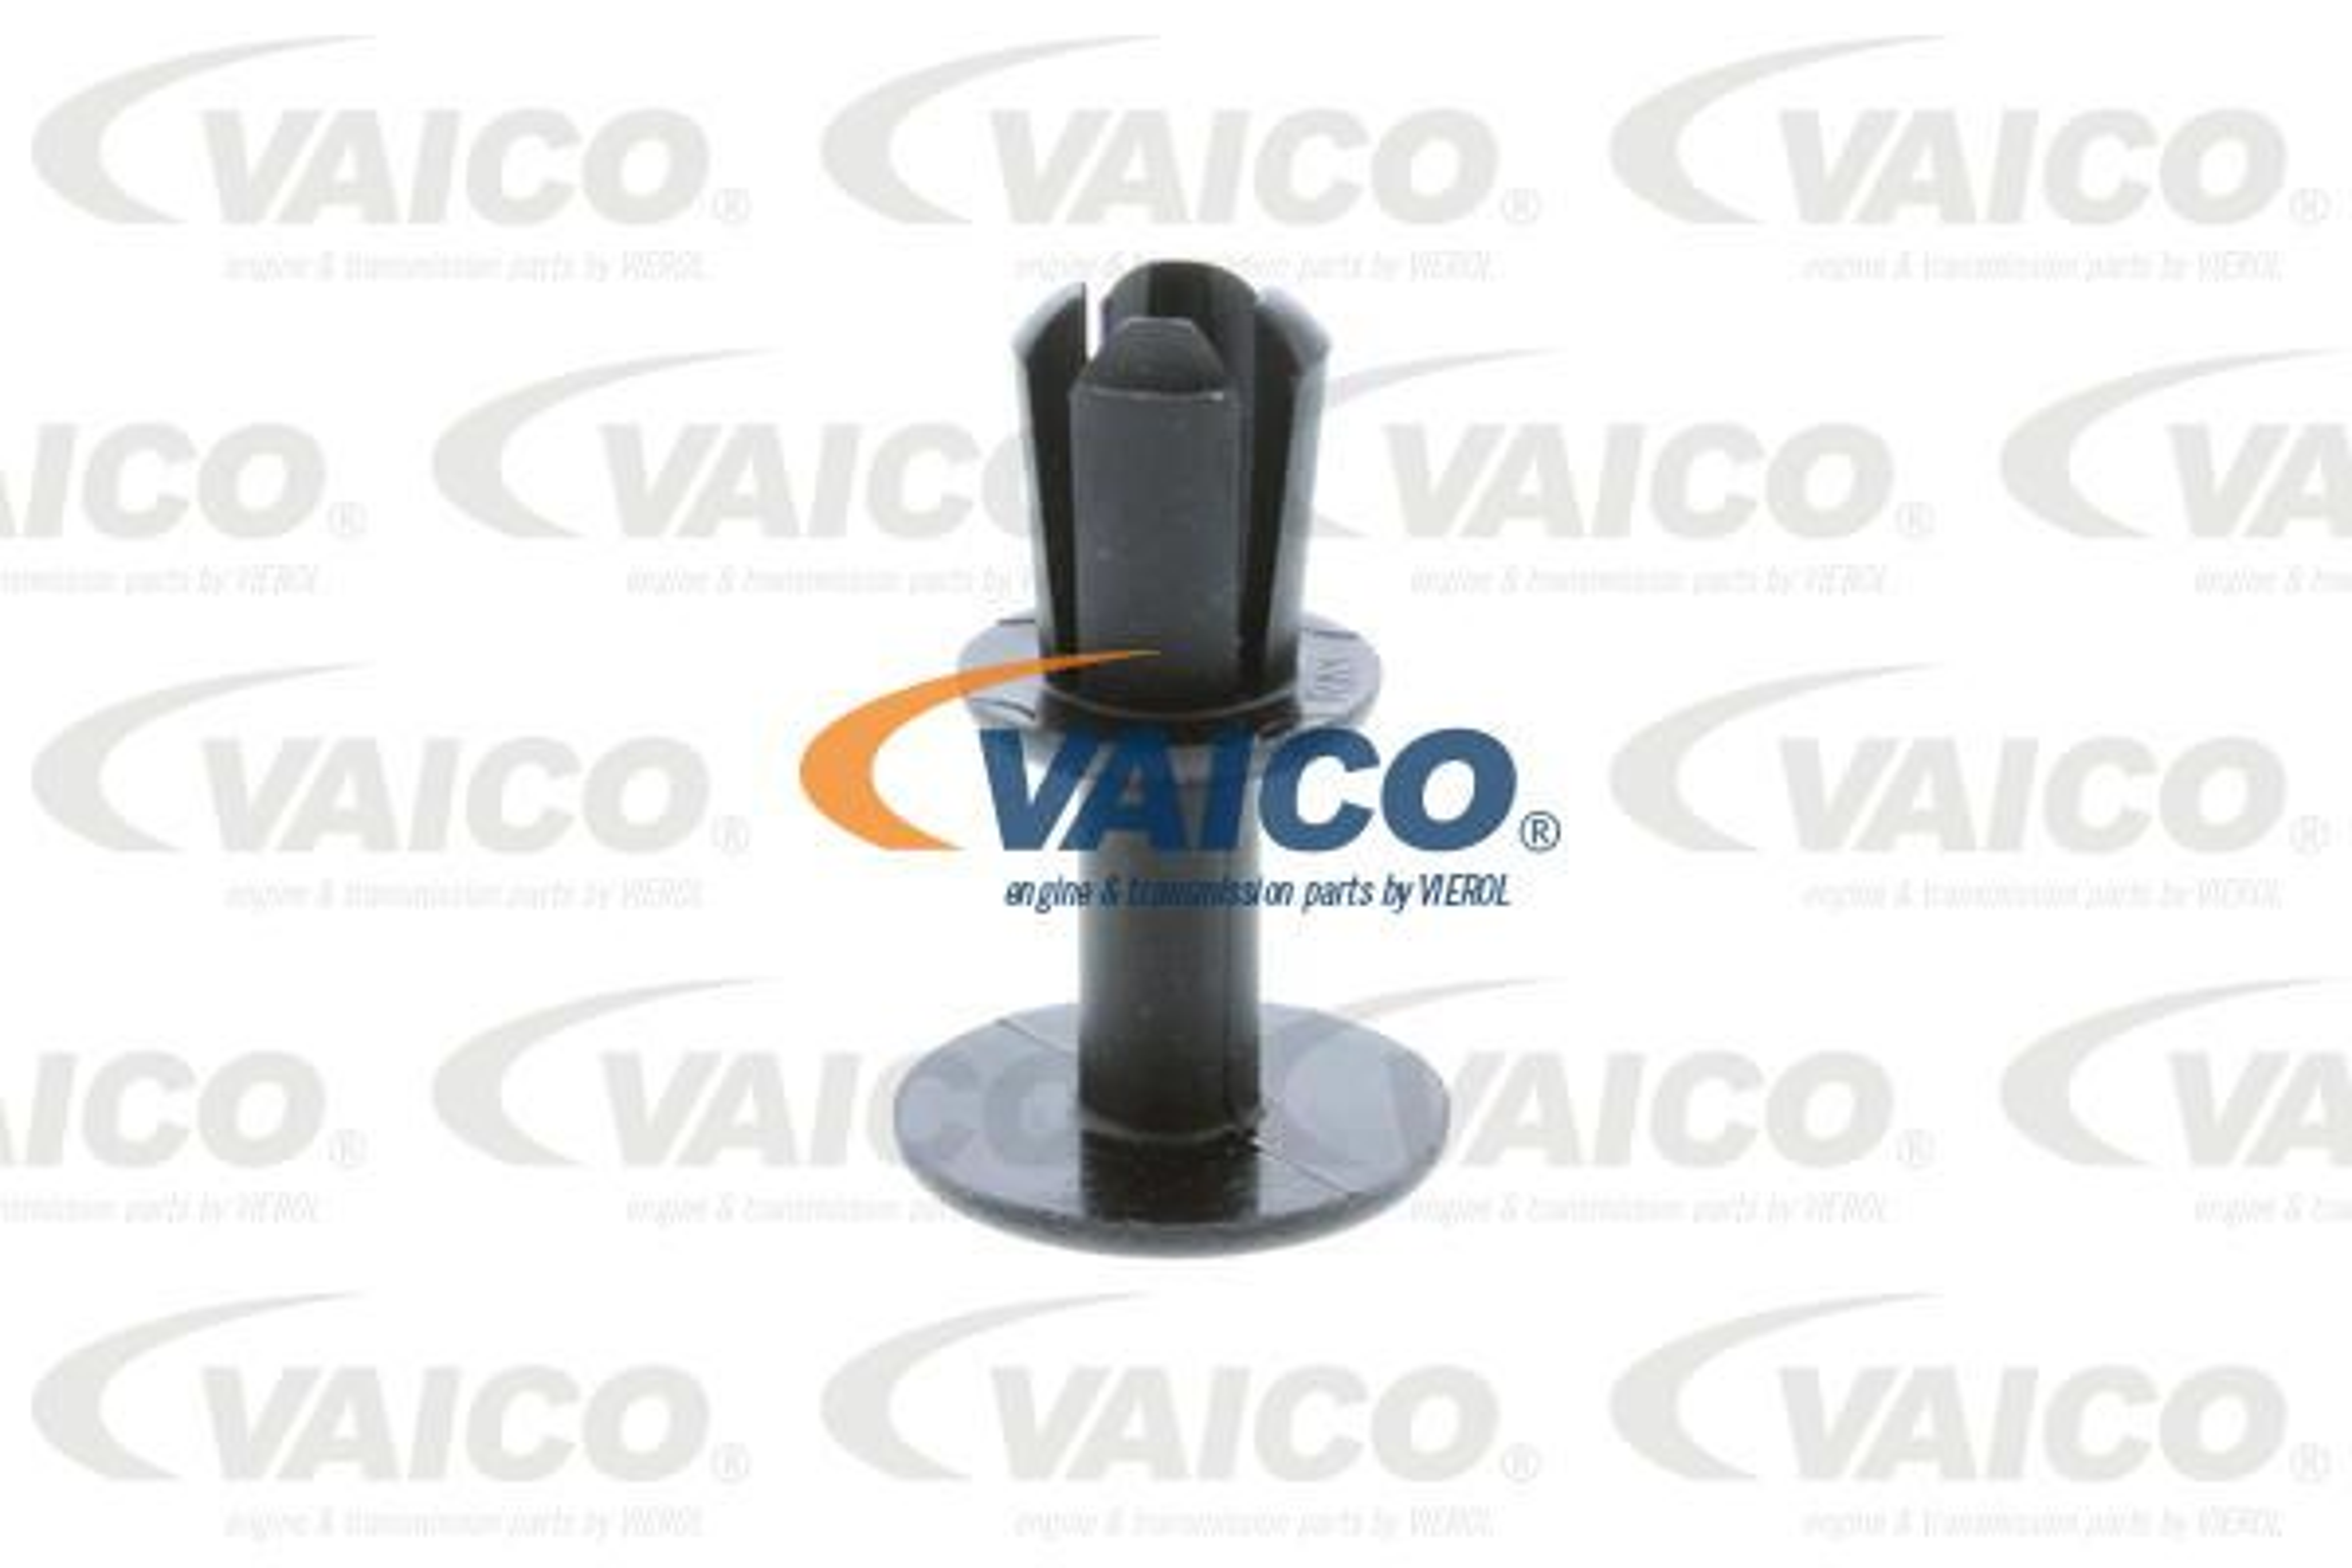 Stoßstangenhalterung V10-2385 – herabgesetzter Preis beim online Kauf